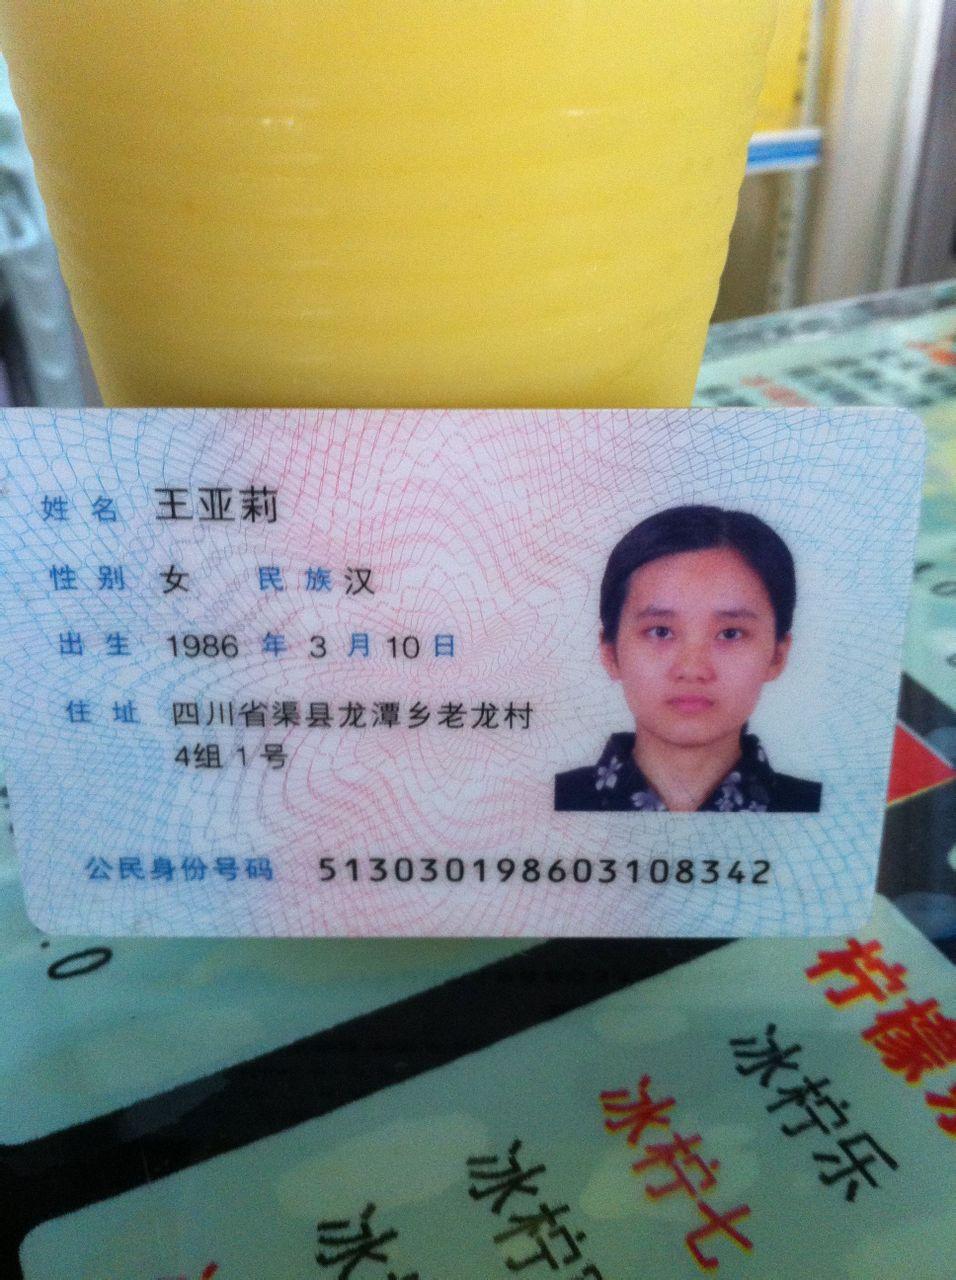 女身份证正面清晰照 老年女身份证正面照